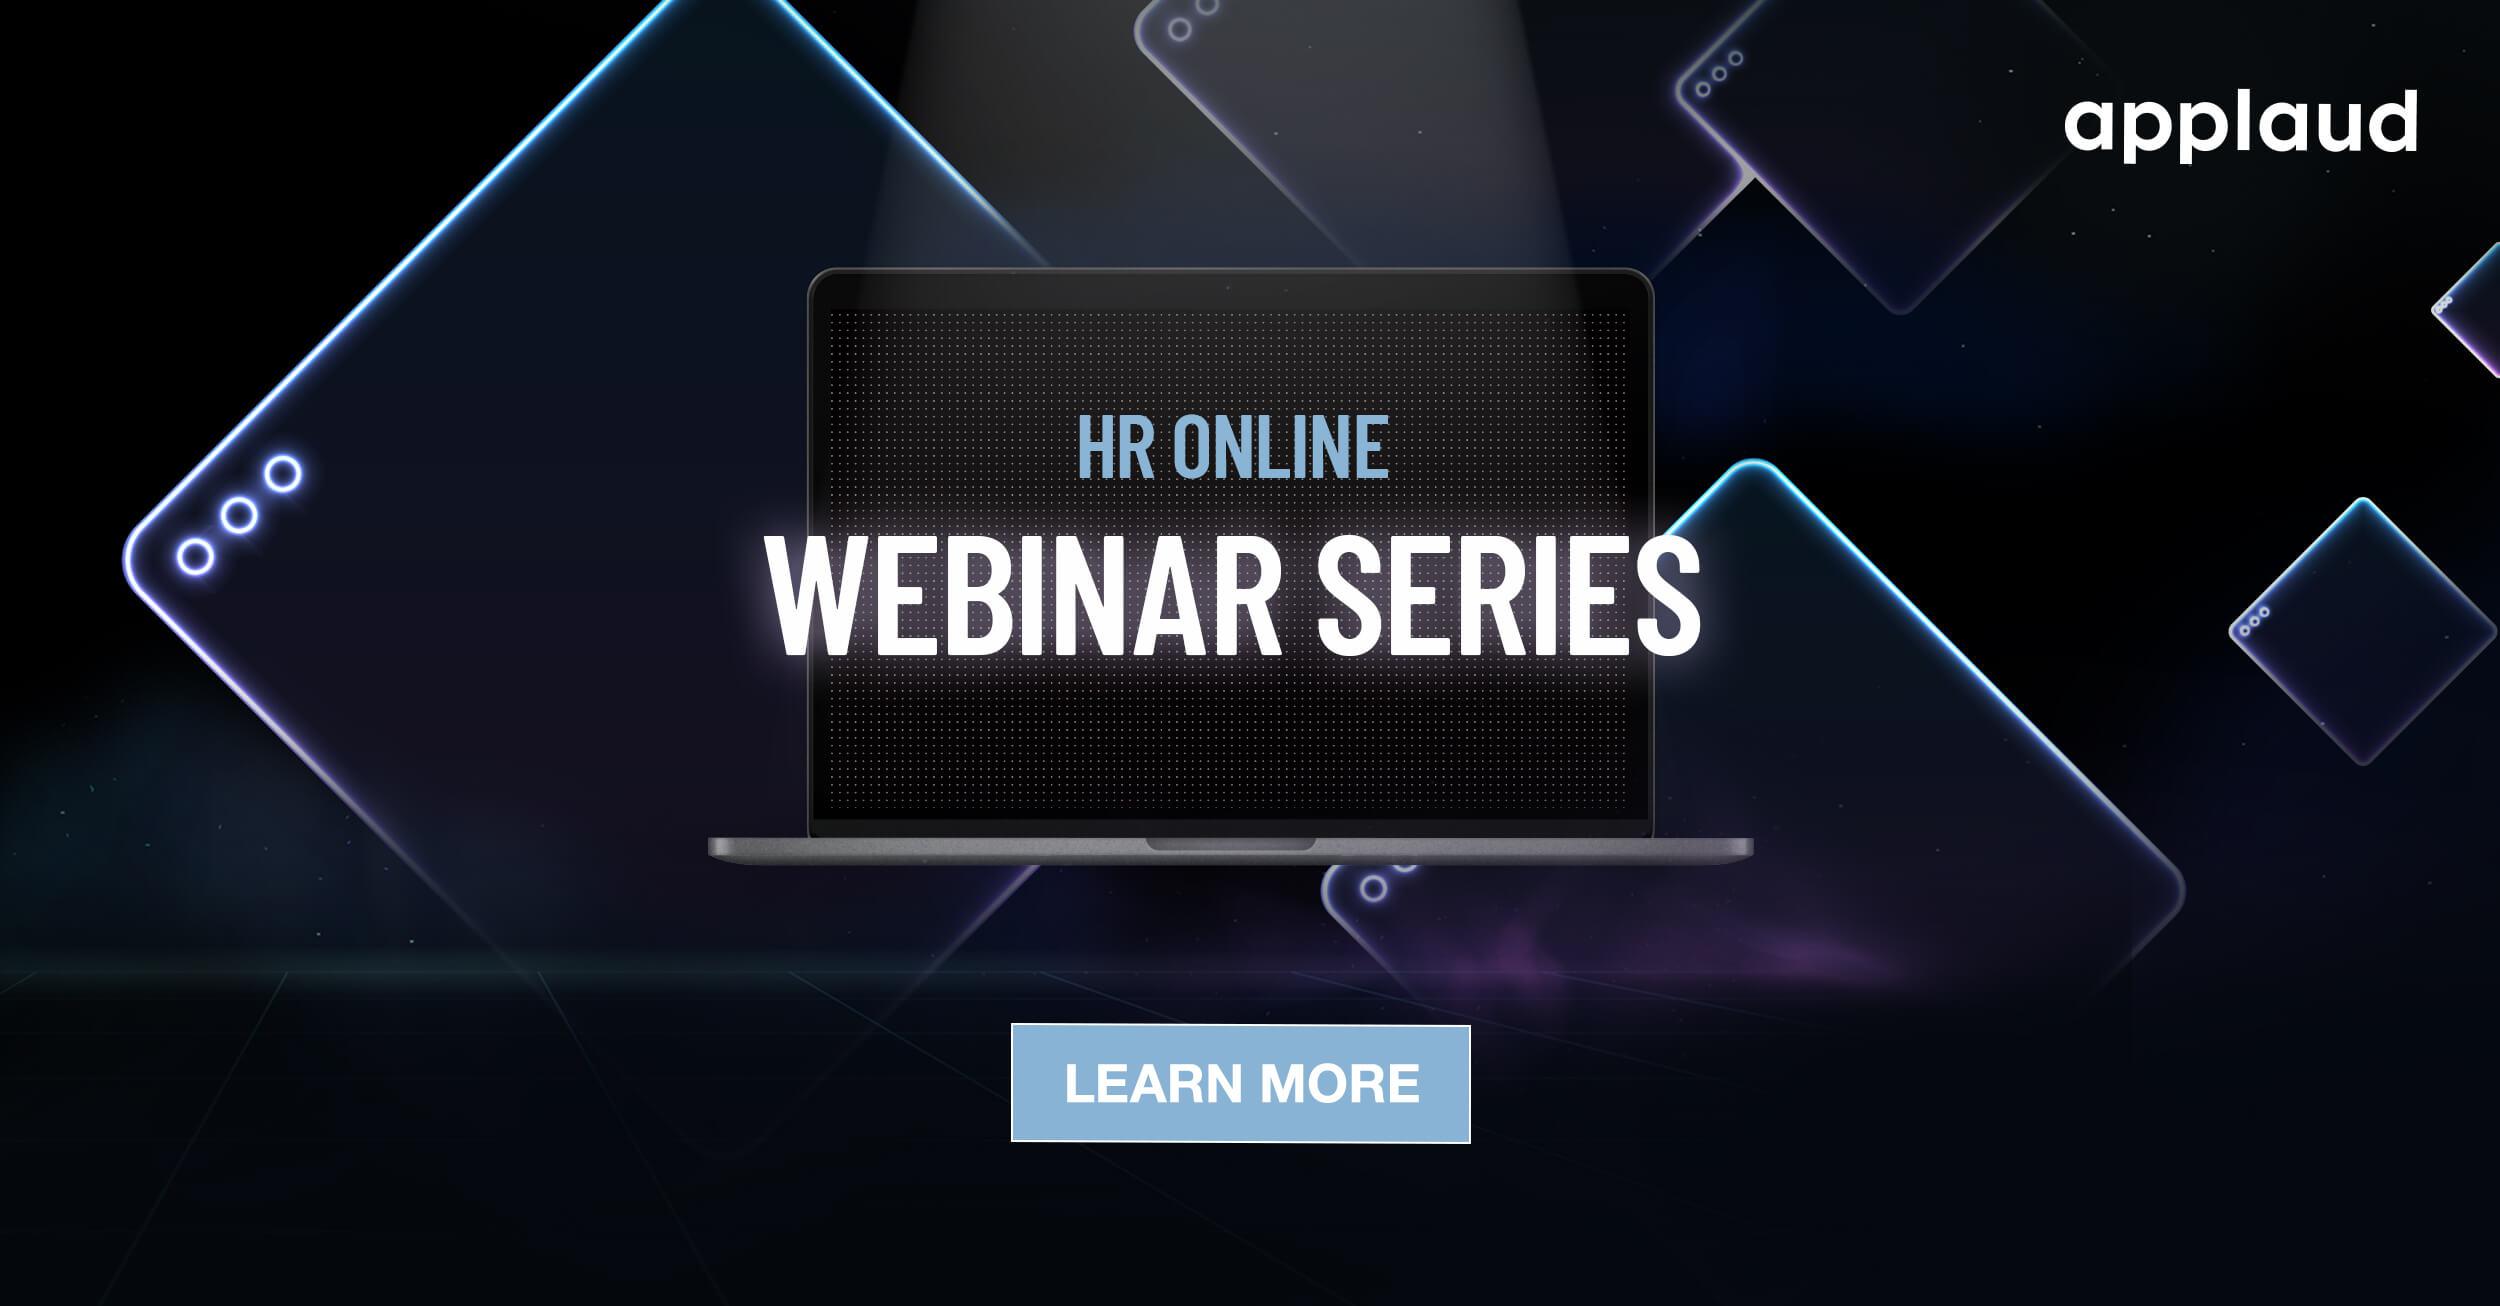 hr online webinar series